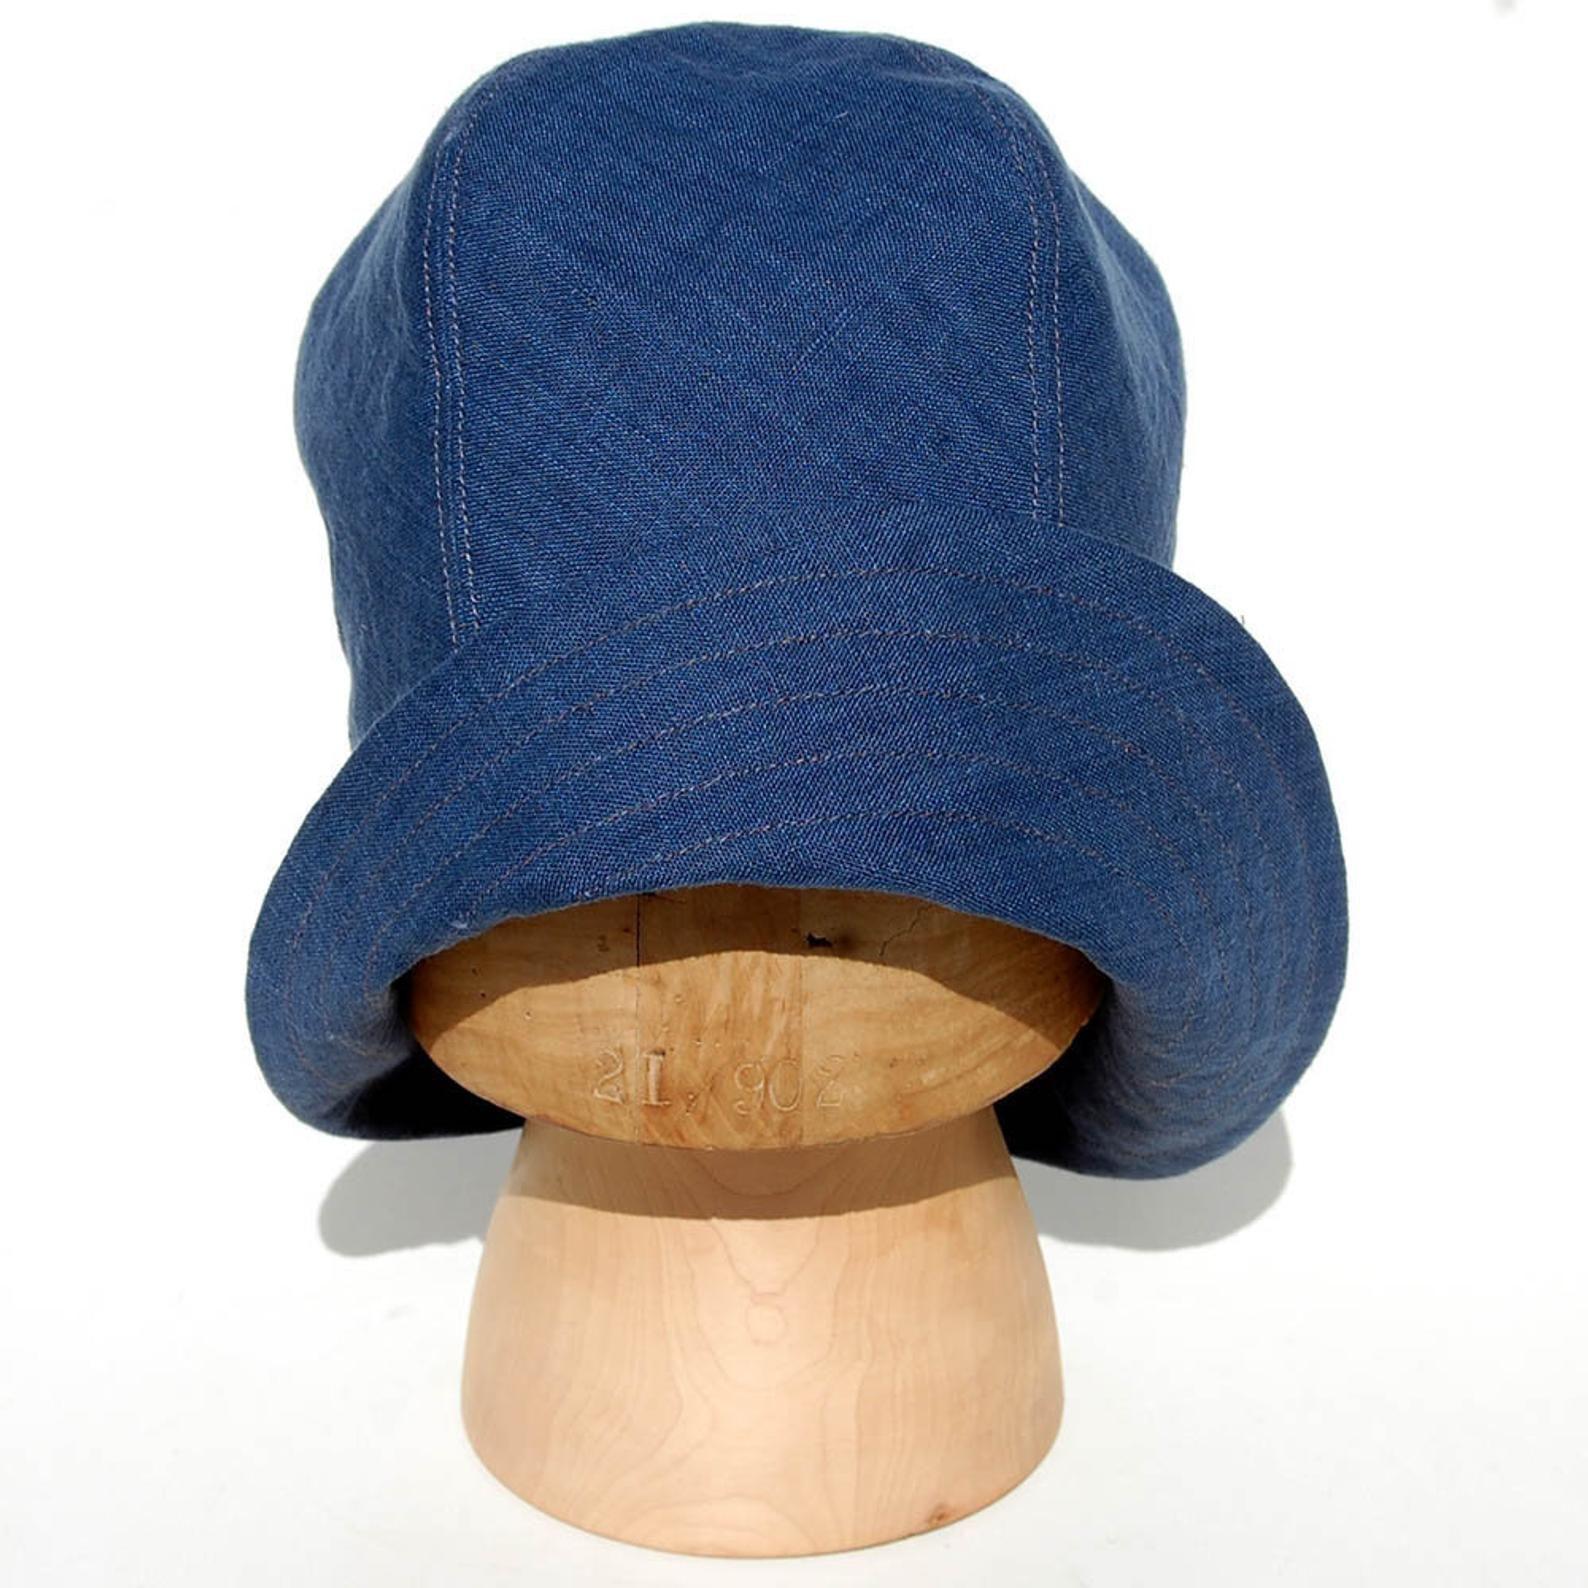 Handmade Linen Cloche Hat Womens Summer Hat Denim Summer Hat Etsy In 2020 Cloche Hat Indigo Linen Summer Hats For Women